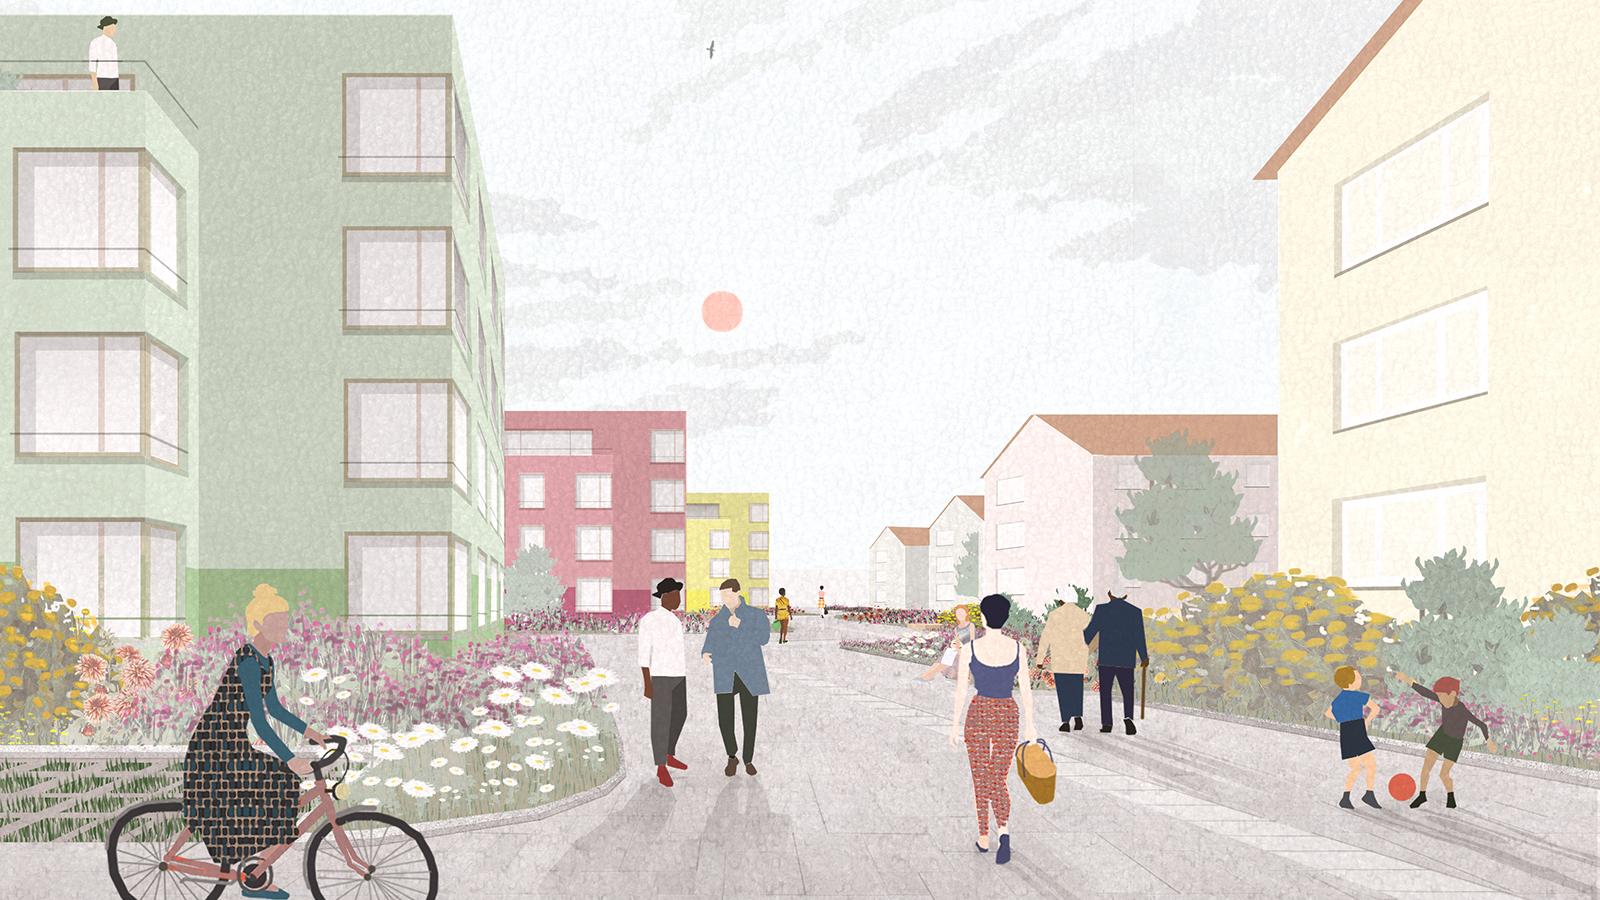 h2m-architekten-wettbewerb-goethequartier-sonthofen-visulalisierung